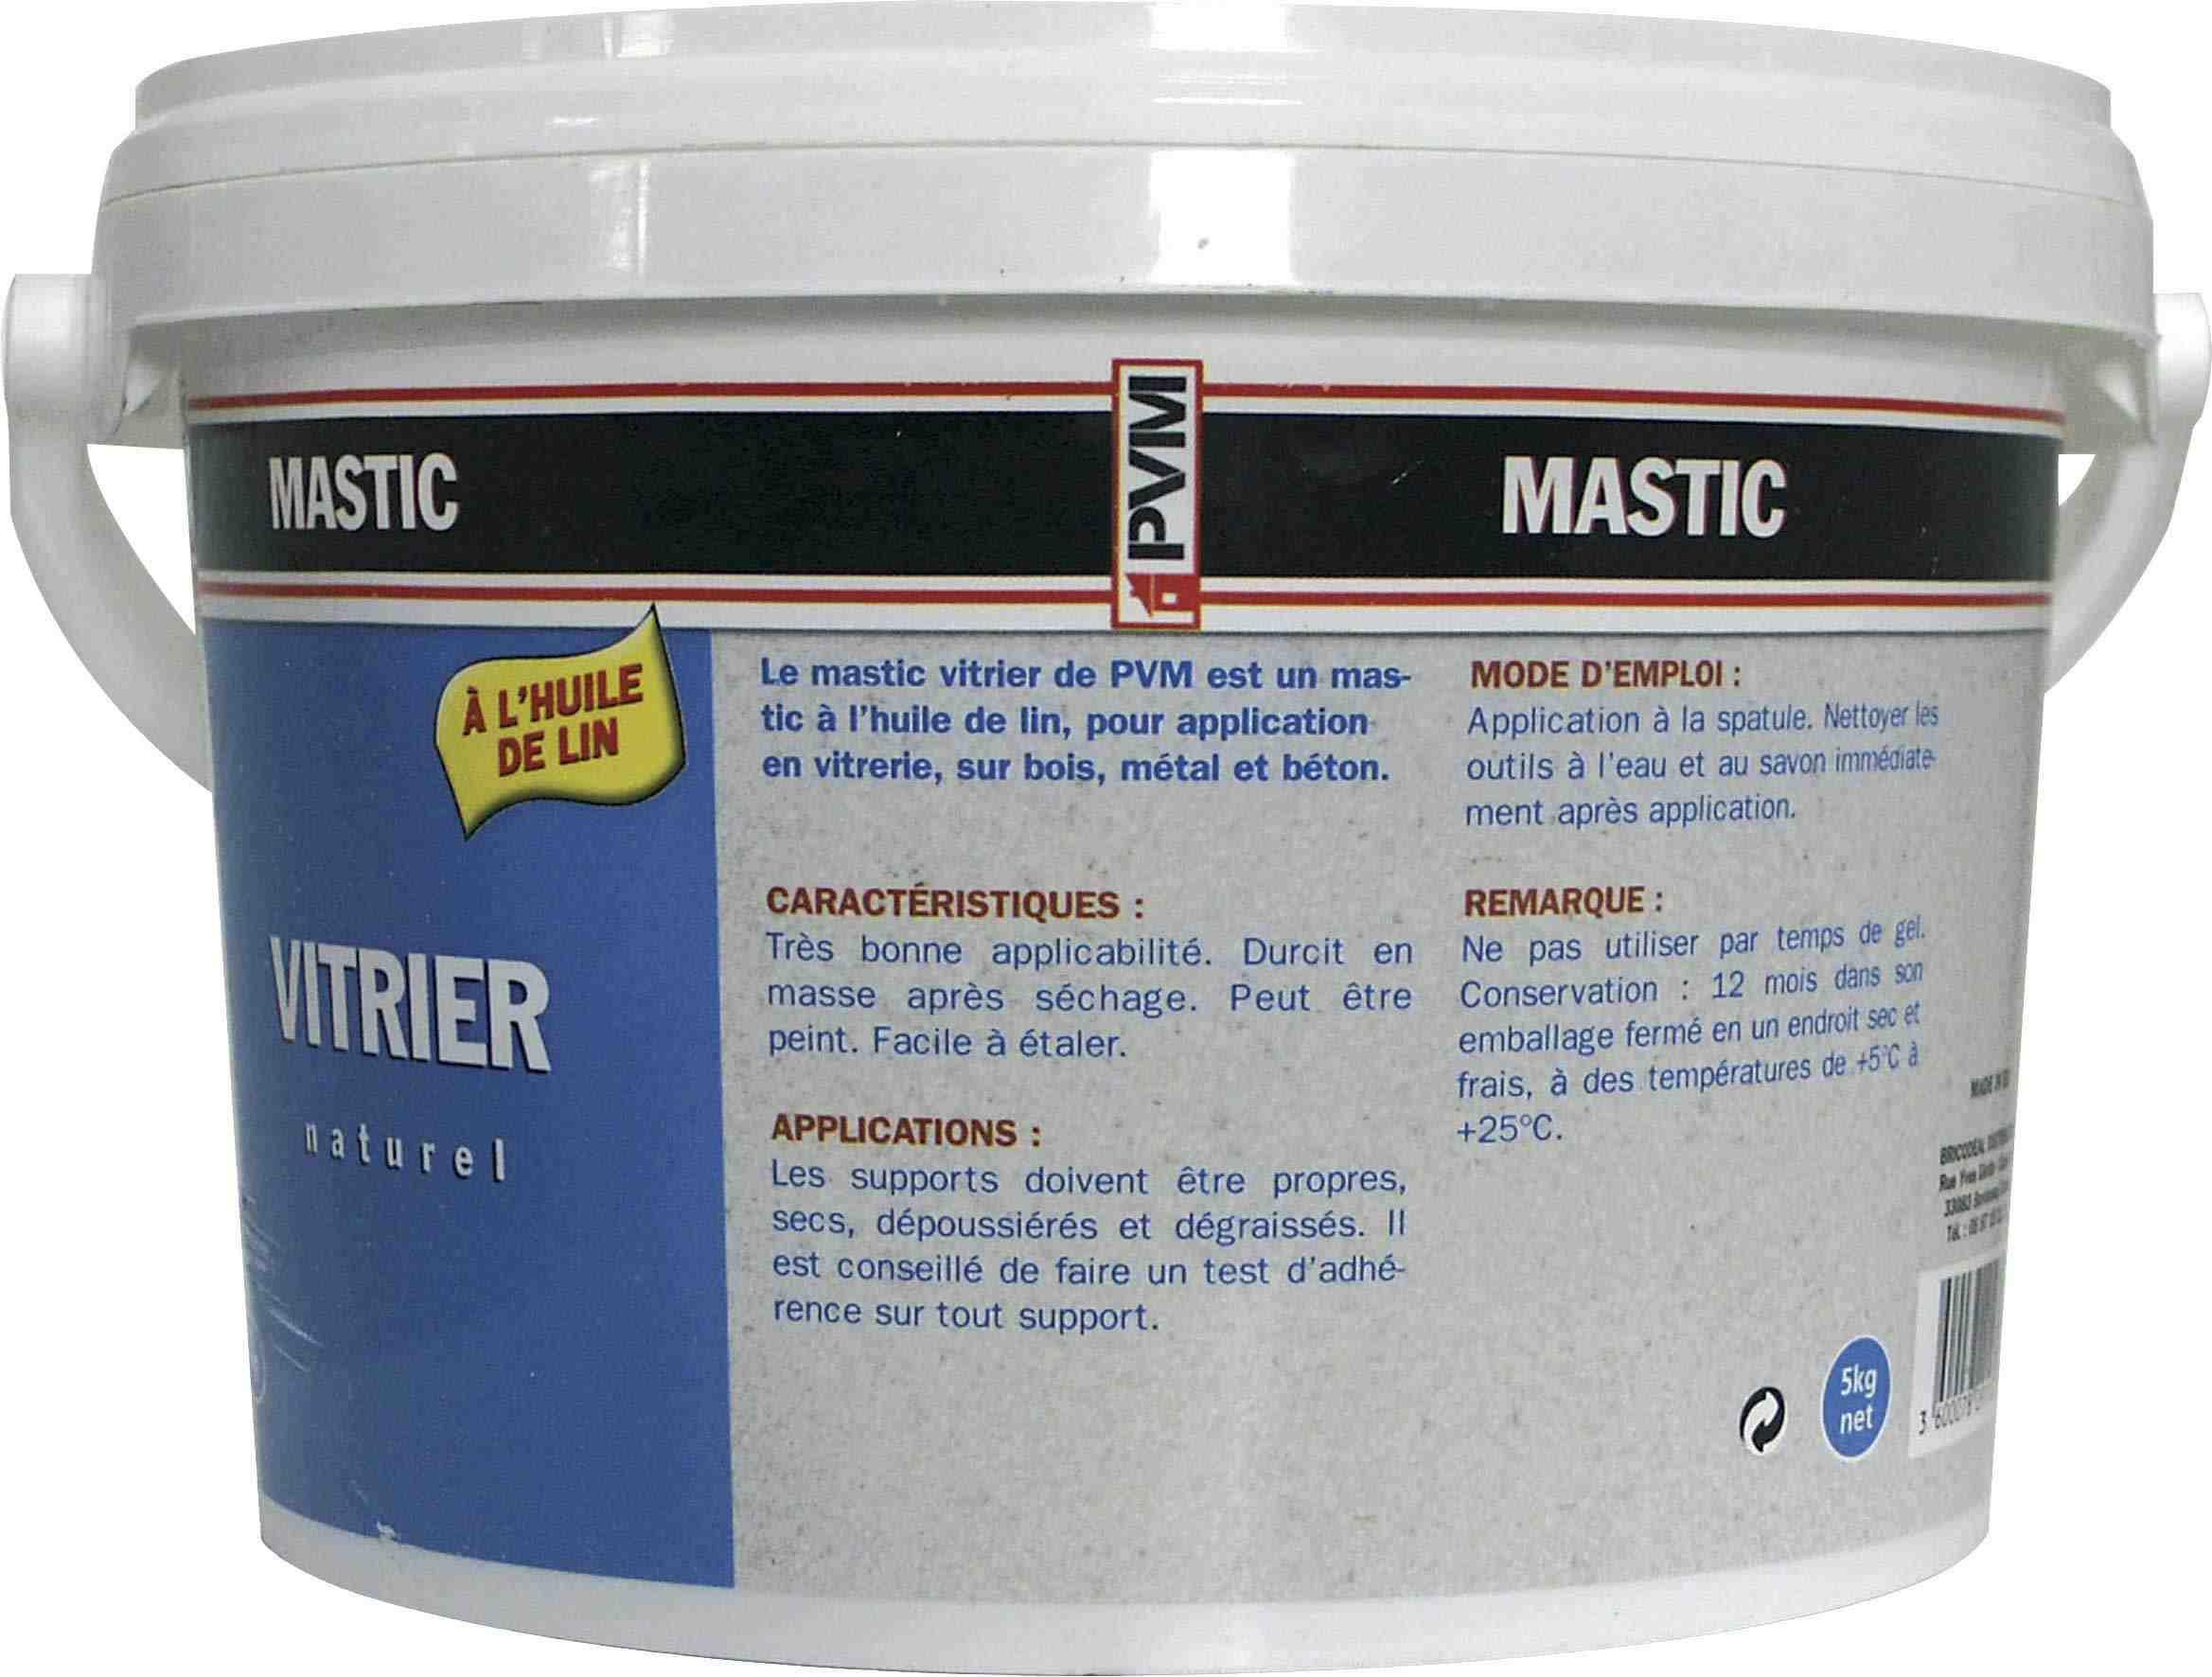 mastic vitrier pvm naturel pot 5 kg de mastic vitrier 1064969 mon magasin g n ral. Black Bedroom Furniture Sets. Home Design Ideas